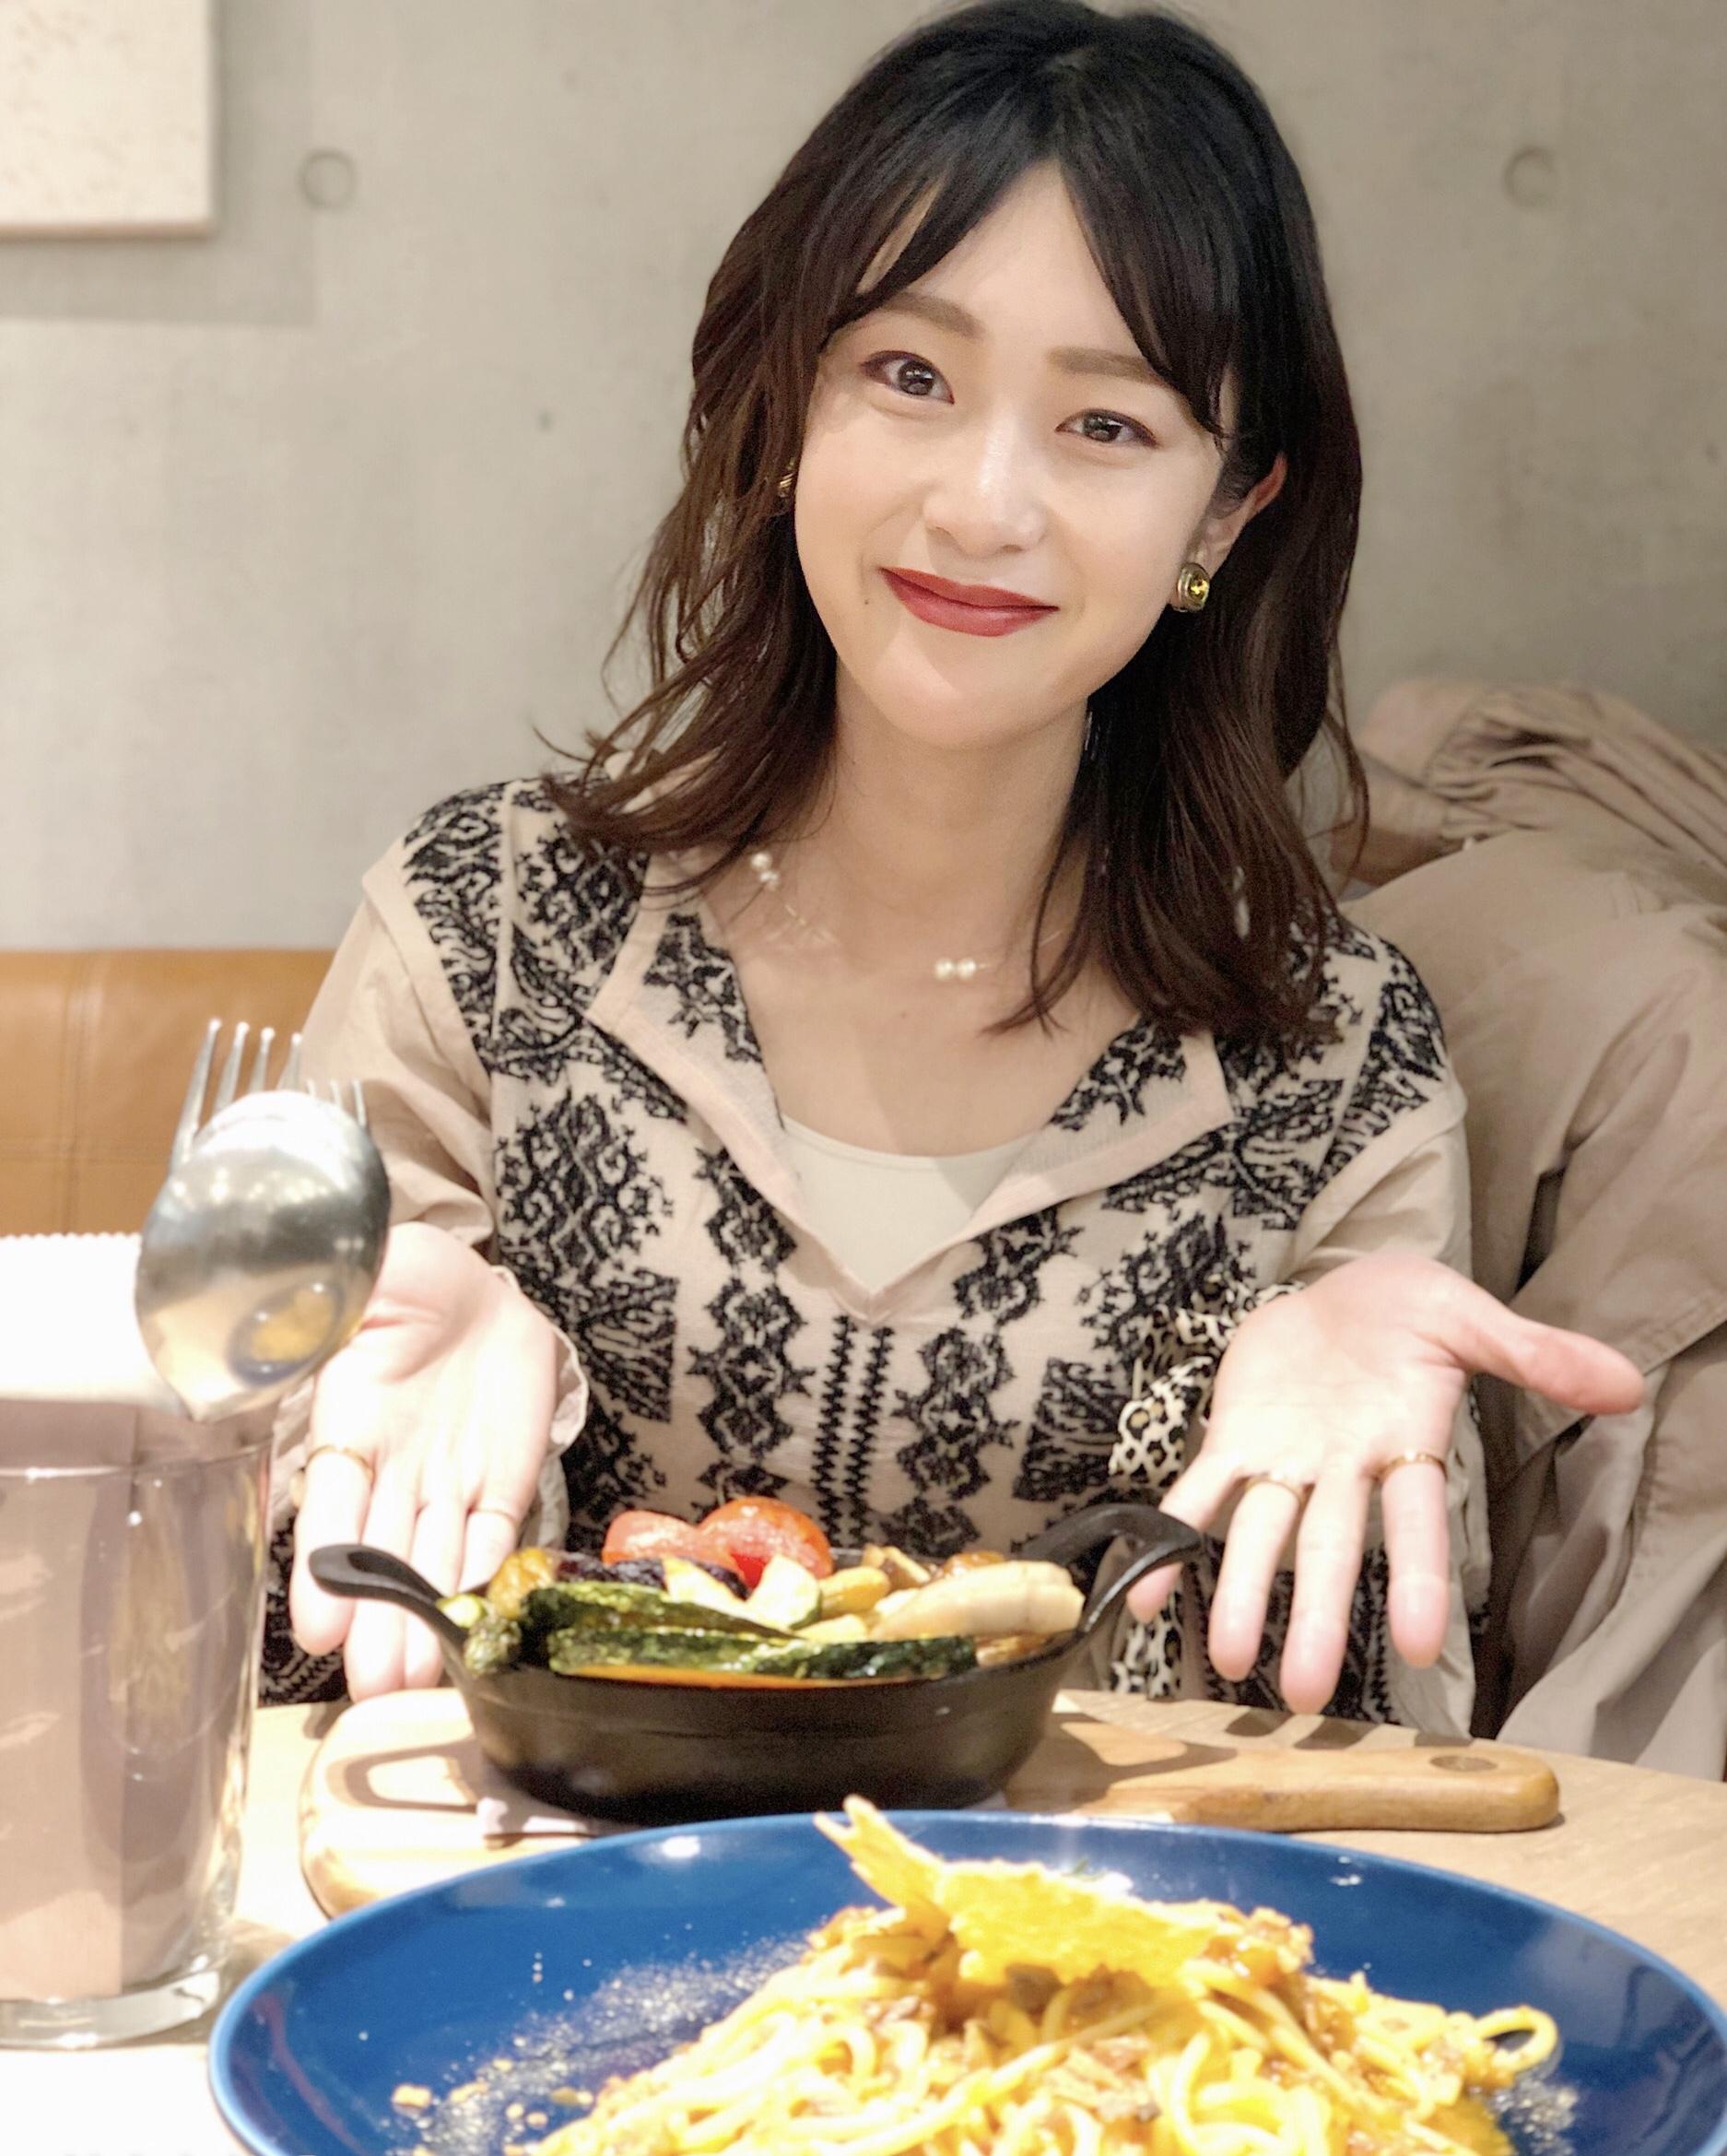 食べるだけでキレイになれそうな【shiro】の身体に優しいヴィーガンランチ❤️_5